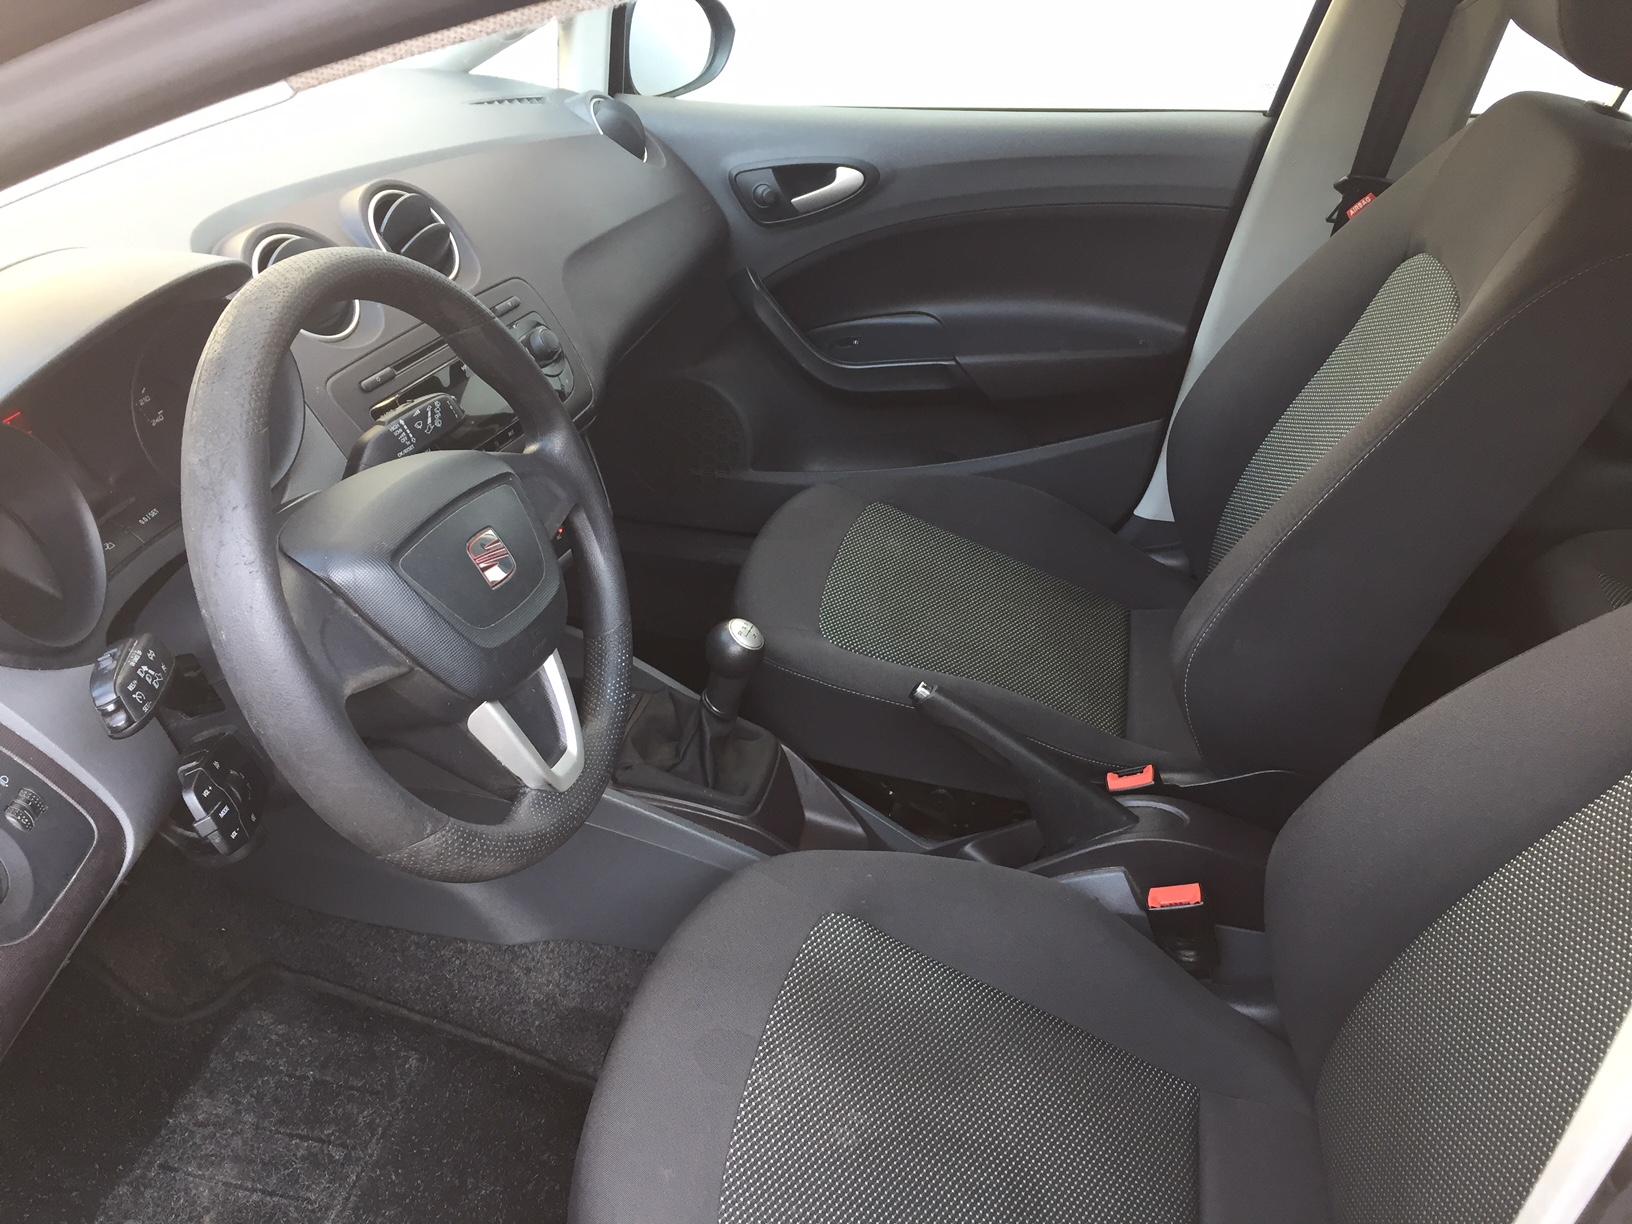 21.08.2018 Poze Seat Ibiza VSSZZZ6JZAR093254 (10)